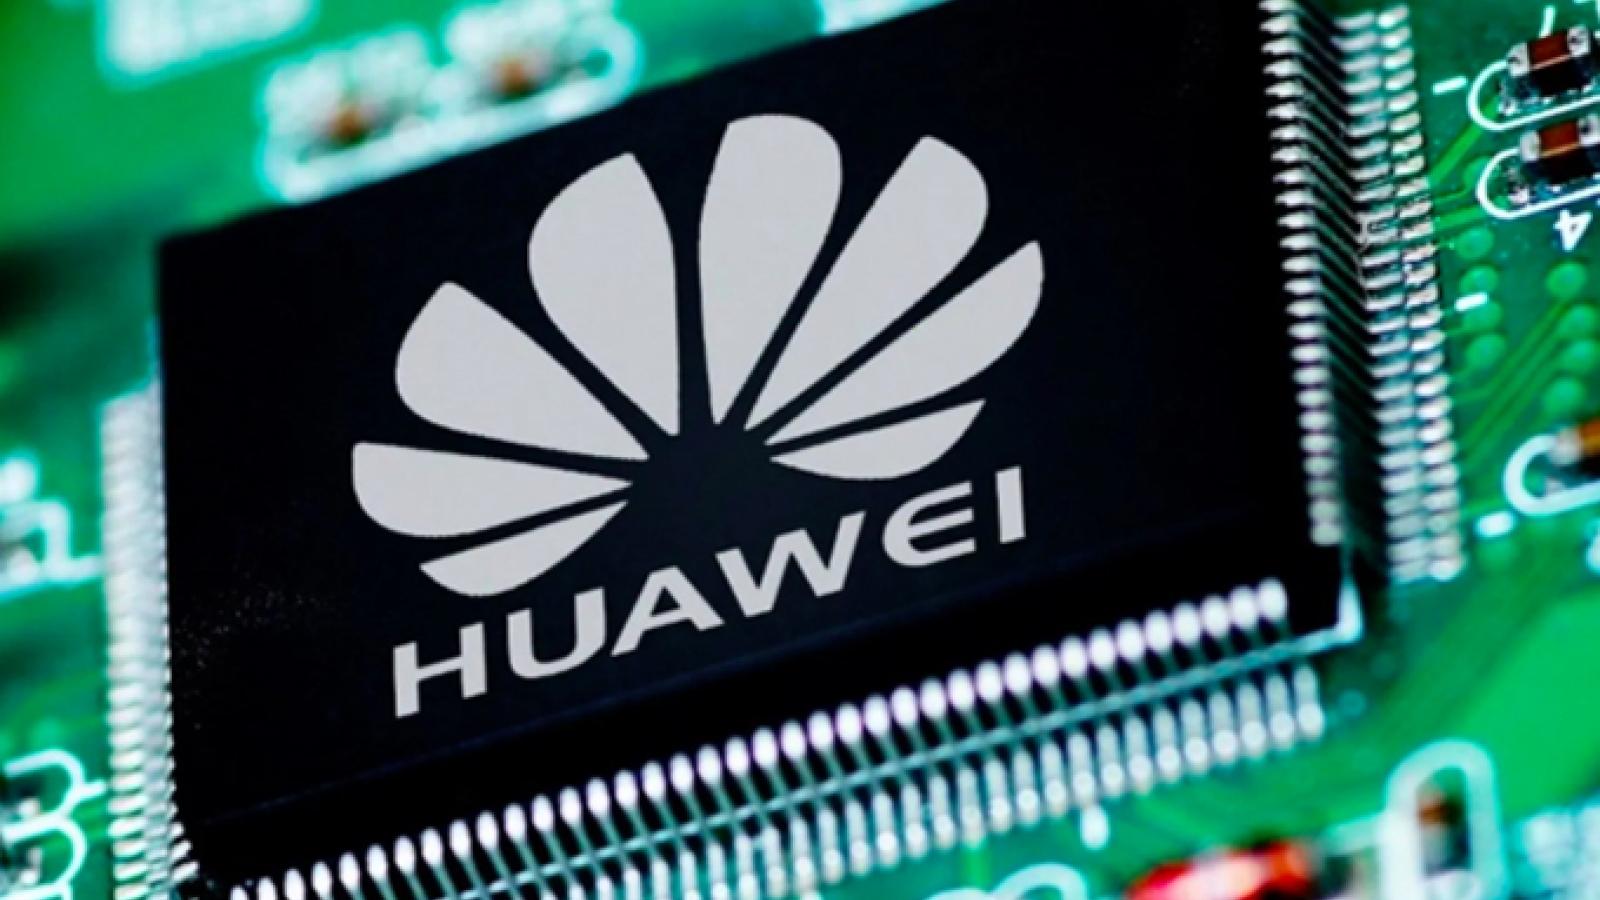 Anh tung bằng chứng cáo buộc Huawei có liên quan tới chính phủ Trung Quốc